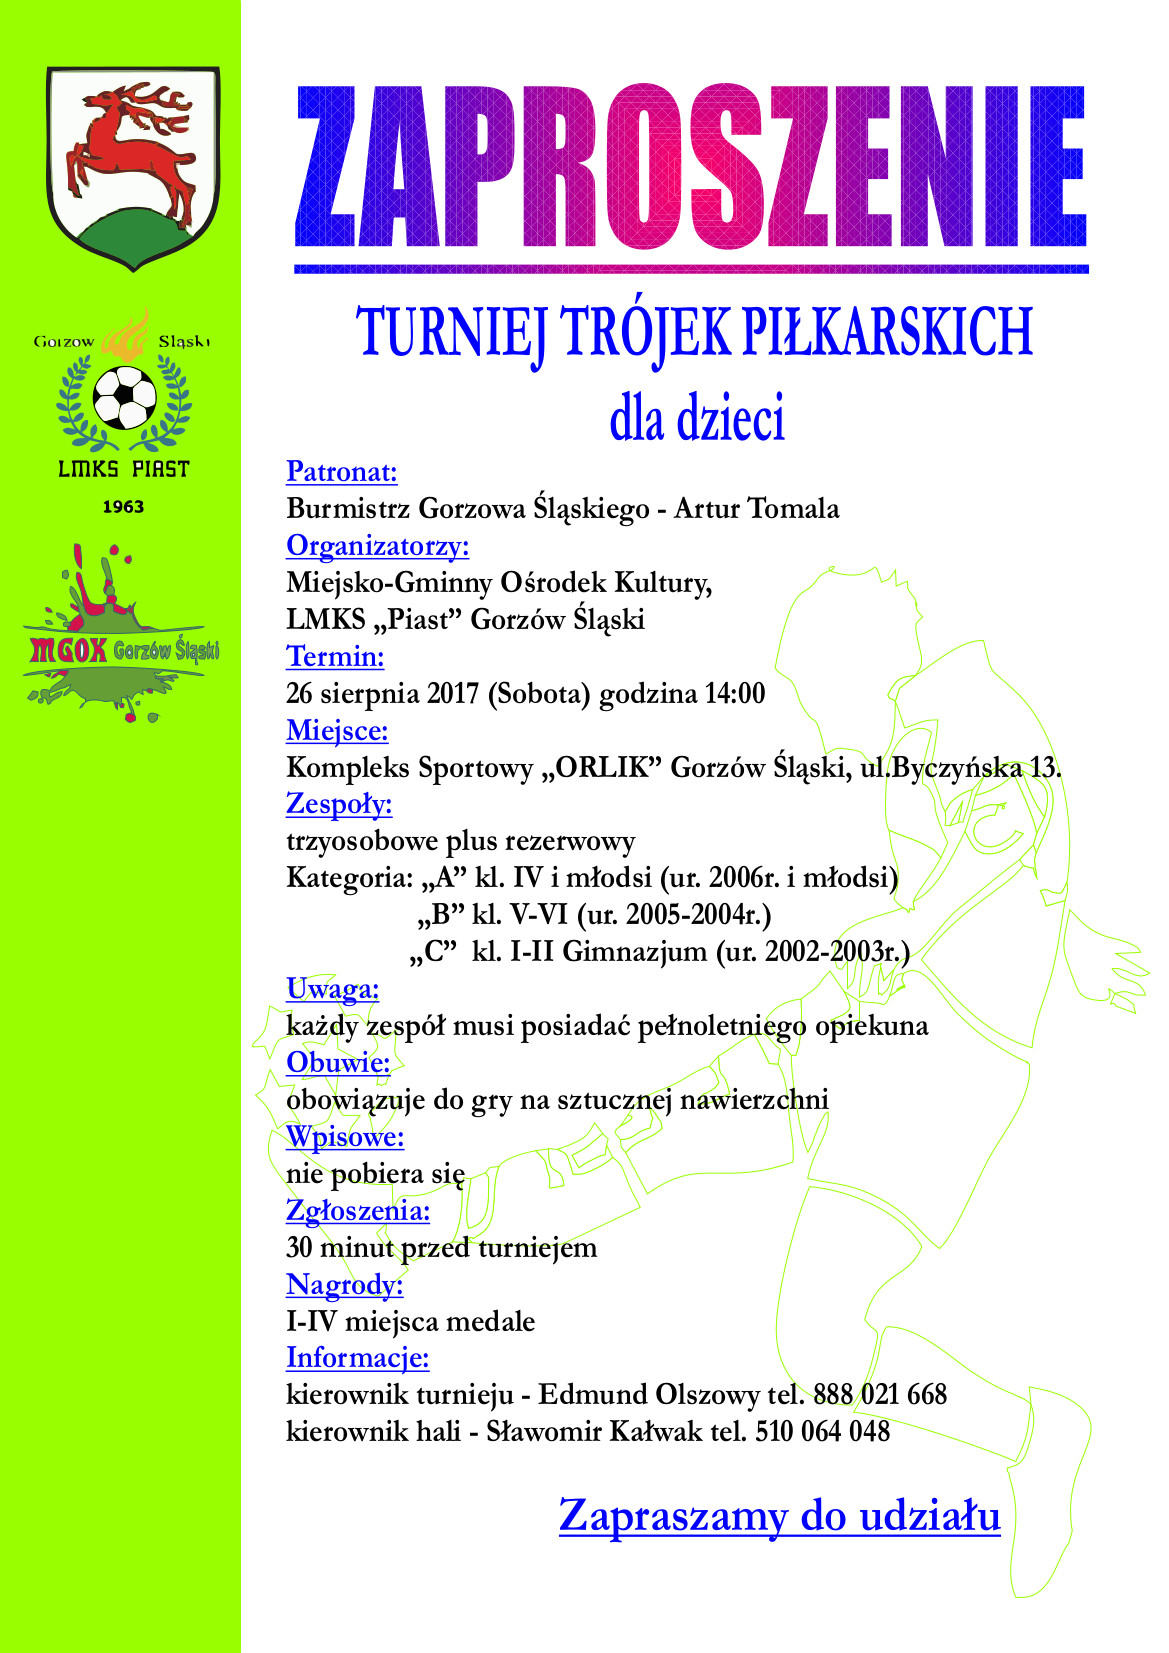 turniej_trojek_pilkarskich_dla_dzieci